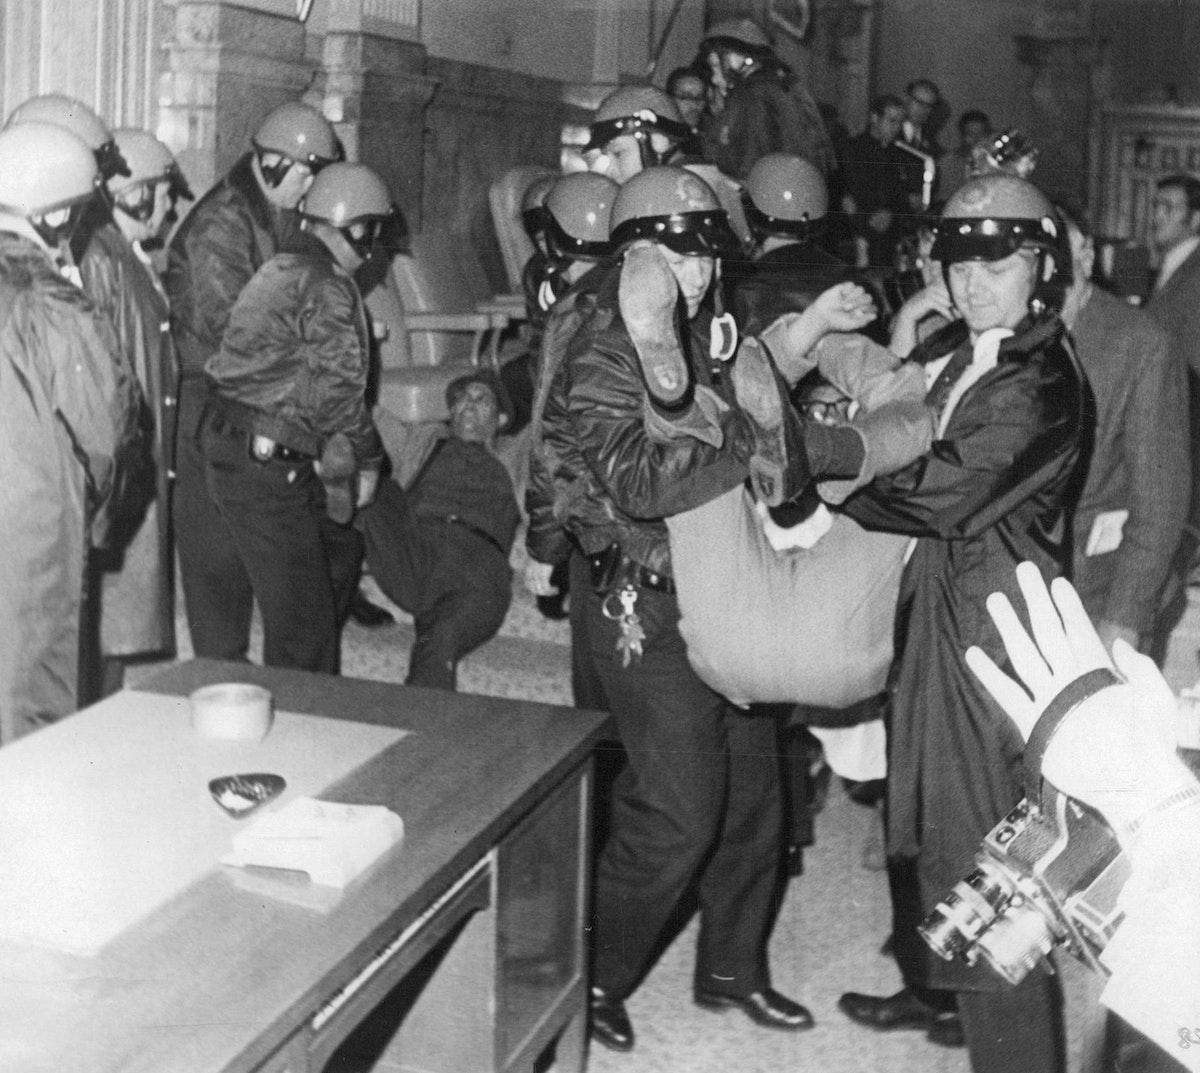 الشرطة الأميركية تخرج أحد المتظاهرين الغاضبين لدى اقتحامه مبنى الكابيتول في 6 مايو 1969 - Getty Images